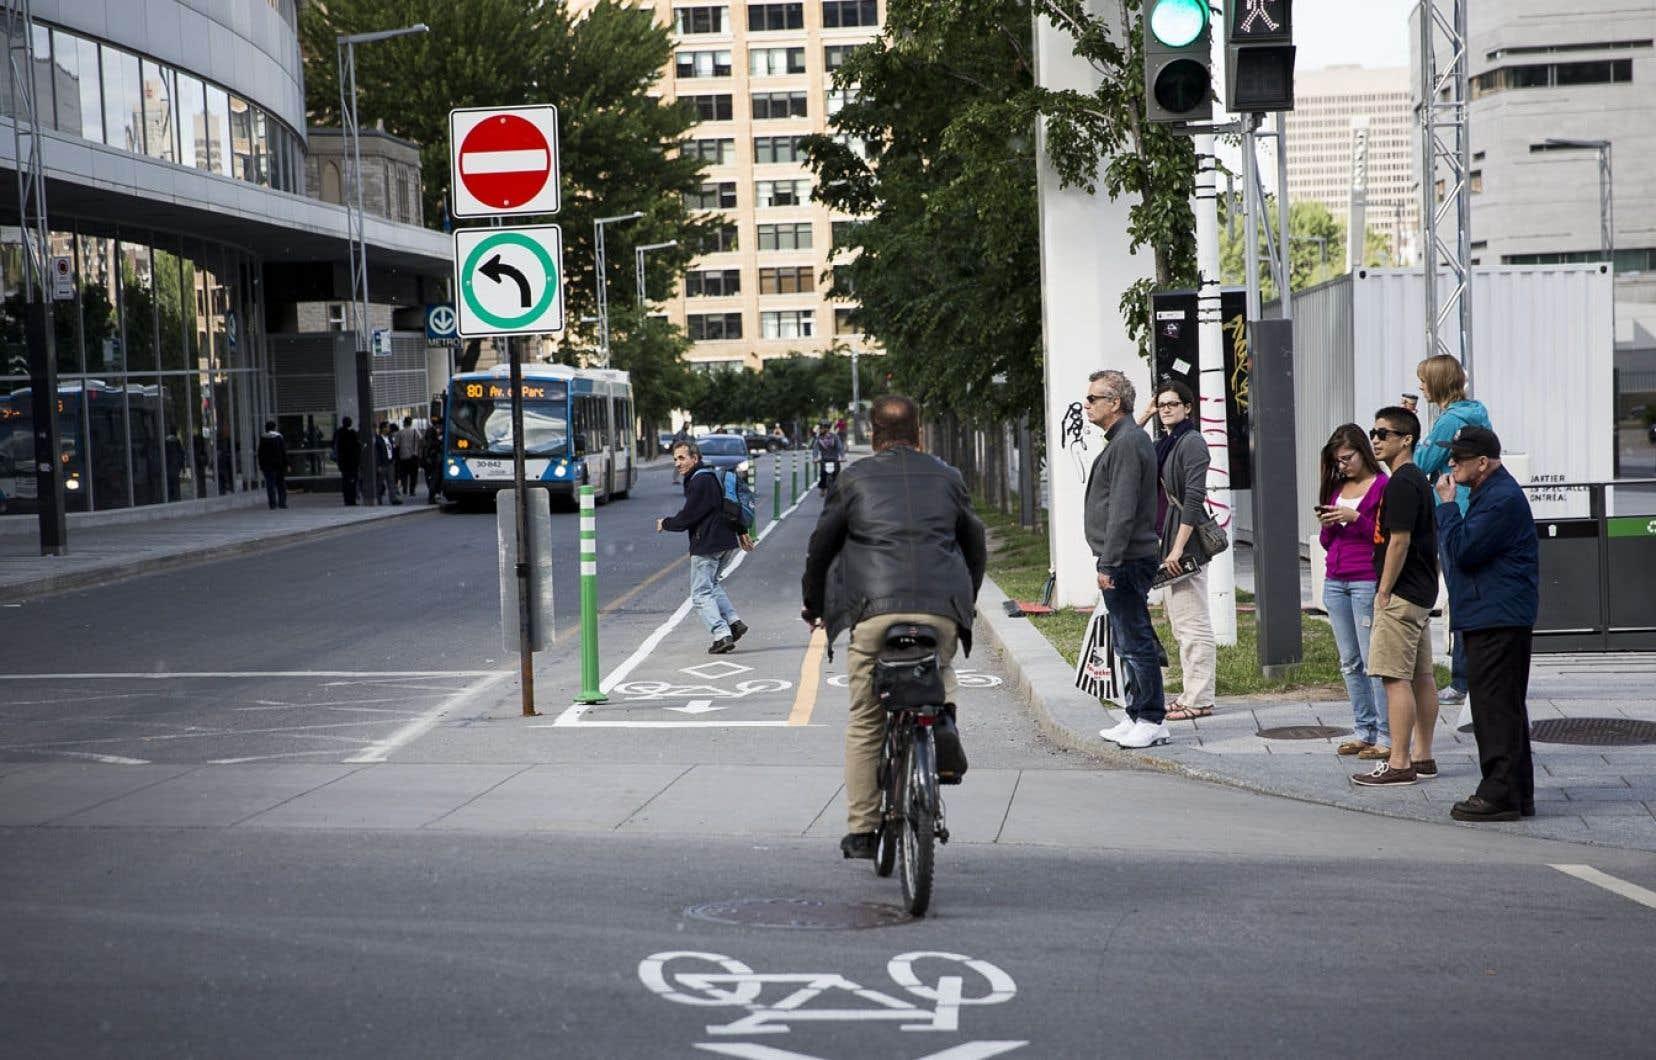 Respecter le Code de sécurité routière ? Pas toujours facile pour les cyclistes : rue Président-Kennedy, à Montréal, la signalisation oblige à virer à gauche, mais la piste cyclable, elle, continue tout droit…